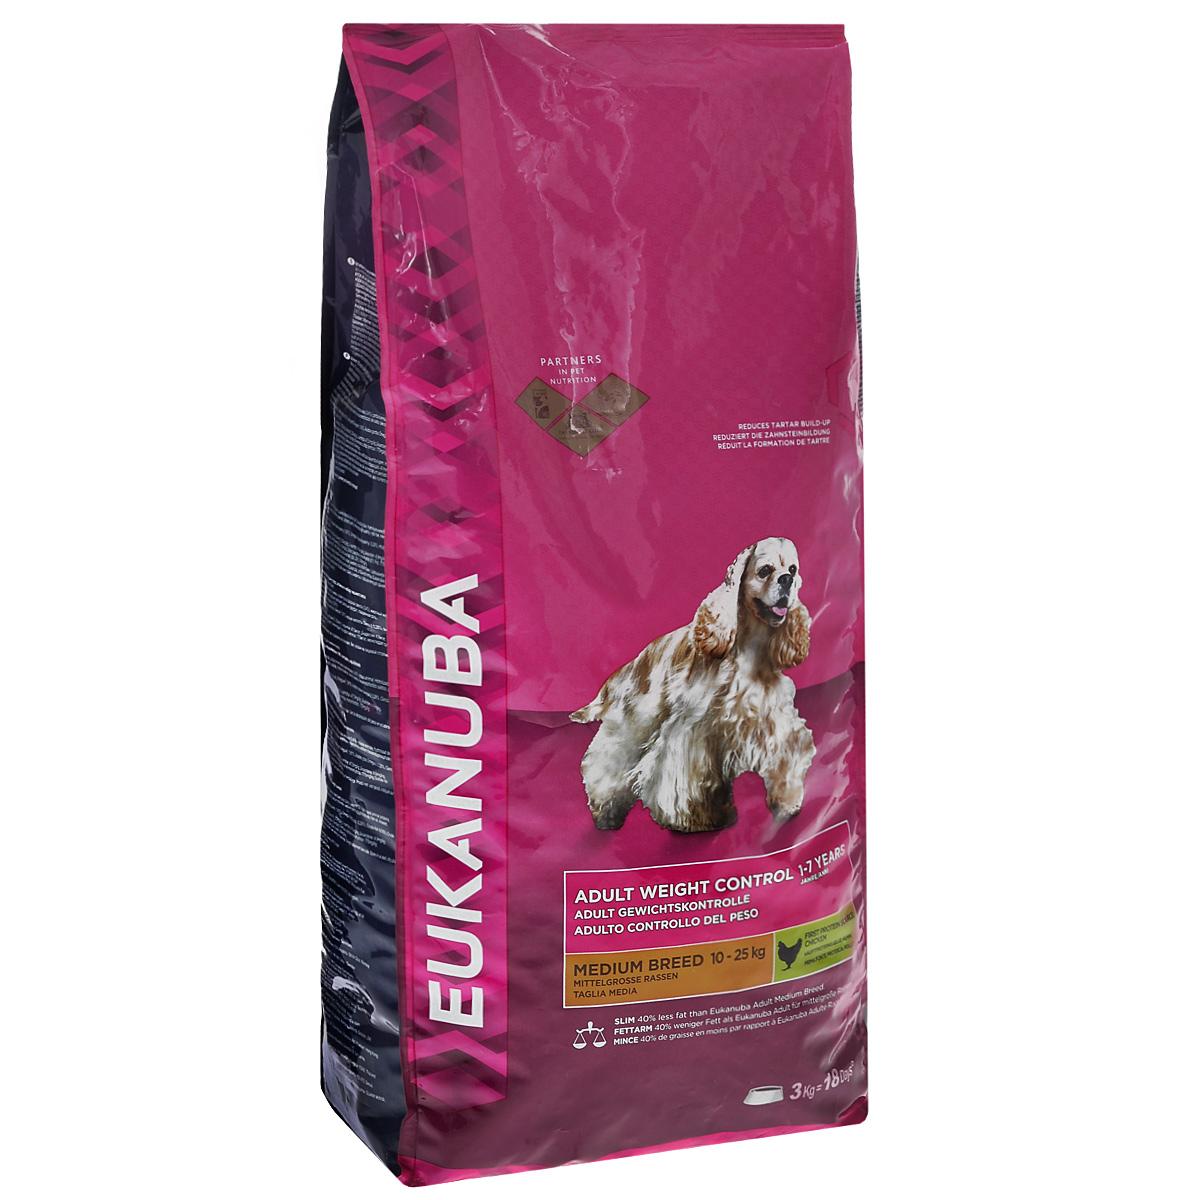 Корм сухой Eukanuba для взрослых собак мелких и средних пород с низкой активностью, 3 кг0120710Сухой корм Eukanuba является полноценным сбалансированным питанием на основе мяса курицы для взрослых собак мелких и средних пород (весом до 25 кг) со склонностью к набору лишнего веса и возрастом от 1 до 7 лет. Мясо курицы - основной источник белка. Содействует построению и сохранению мускулатуры для наилучшей физической формы.Корм содержит на 40% меньше жира для контроля за избыточным весом. Не содержит искусственных красителей и ароматизаторов. Содержит разрешенные ЕС антиоксиданты (токоферолы). Eukanuba заботится о здоровье вашего любимца.Особенности корма Eukanuba:- важный антиоксидант поддерживает естественную защиту организма вашего питомца; - пребиотики и пульпа сахарной свеклы способствуют поддержанию здорового пищеварения путем обеспечения нормального функционирования кишечника;- оптимальное соотношение омега-6 и омега-3 жирных кислот помогает укреплять здоровье кожи и шерсти; - кальций способствует укреплению костей; - животные белки способствуют укреплению и поддержанию тонуса мышц; - 3D система защиты зубов снижает образование зубного камня в течение 28 дней, сокращает налет, поддерживает зубы крепкими.Сухой корм Eukanuba содержит только натуральные компоненты, которые необходимы для полноценного и здорового питания домашних животных. Корма от фирмы Eukanuba положительно зарекомендовали себя на российском рынке еще и потому, что они не содержат никаких красителей и ароматизаторов, а сбалансированное содержание всех необходимых витаминов и минералов избавляет вас от необходимости давать вашему любимцу дополнительные добавки к пище.Состав: кукуруза, сублимированное мясо курицы и индейки 16%, пшеница, сорго, ячмень, сушеная свекольная масса 3,4%, животный жир, гидролизат белка животного происхождения, сухое цельное яйцо, хлорид калия, карбонат кальция, кальция гидрогенфосфат, поваренная соль, гексаметафосфат натрия, рыбий жир, льняное семя, фруктоолигосахариды 0,